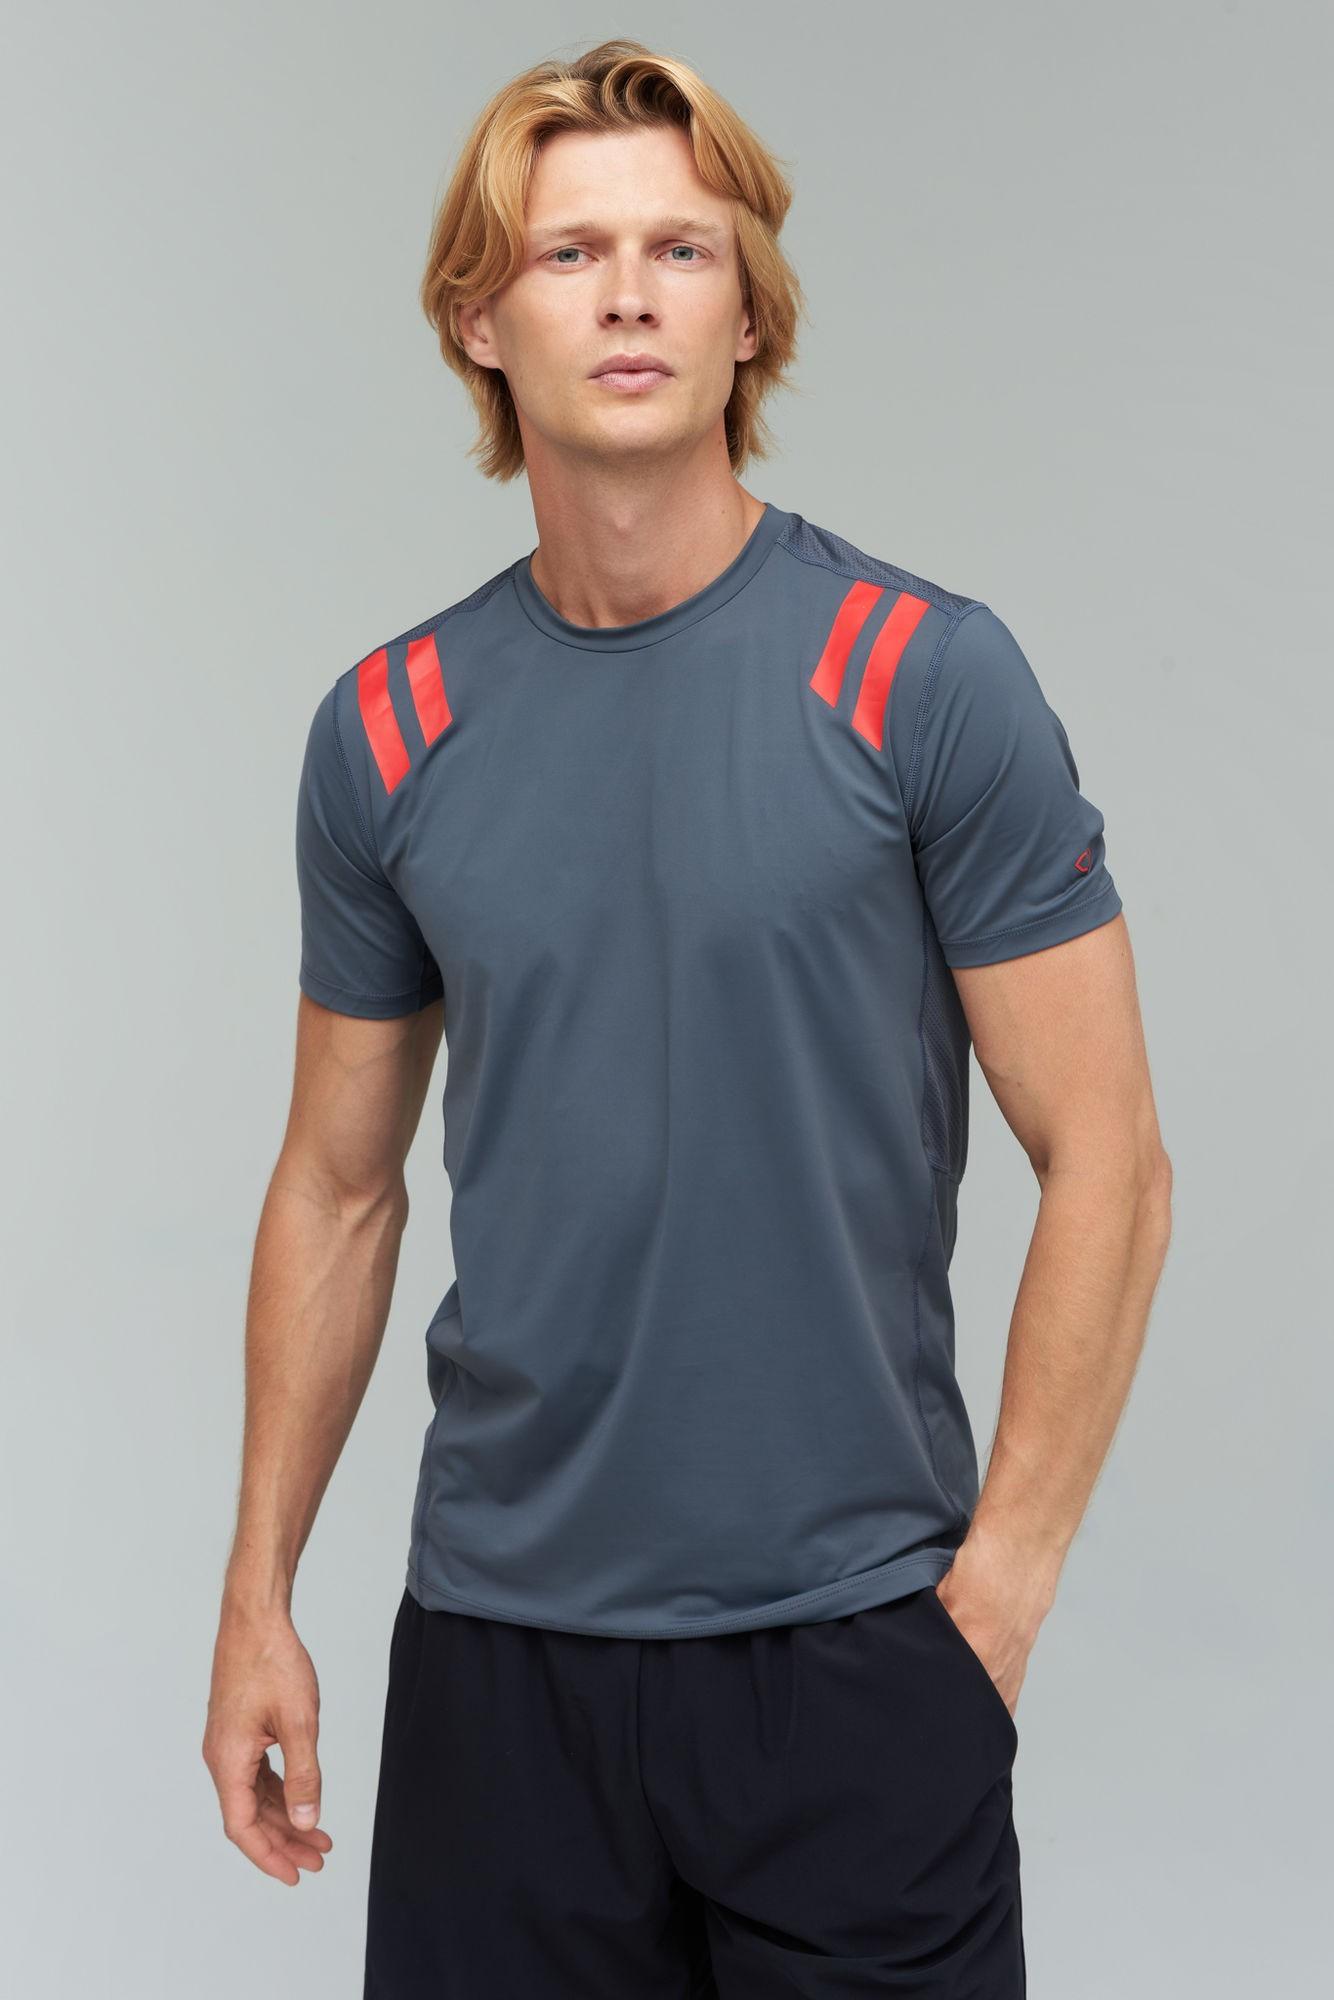 AUDIMAS Funkcionalūs marškinėliai 2021-451 Turbulence XL